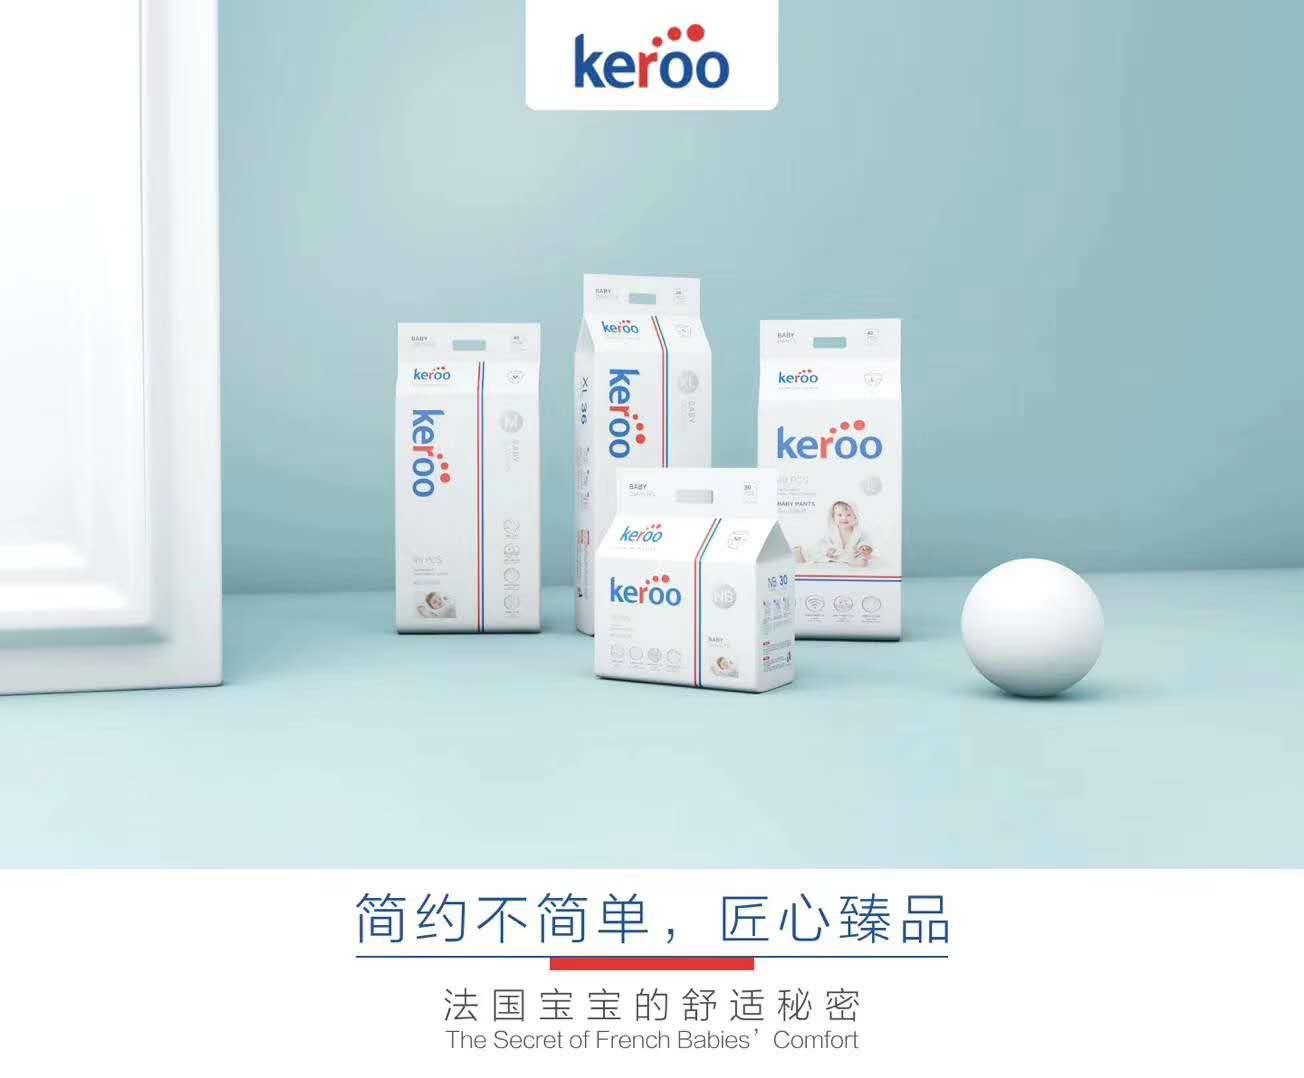 Keroo纸尿裤创始人说选择纸尿裤要谨慎